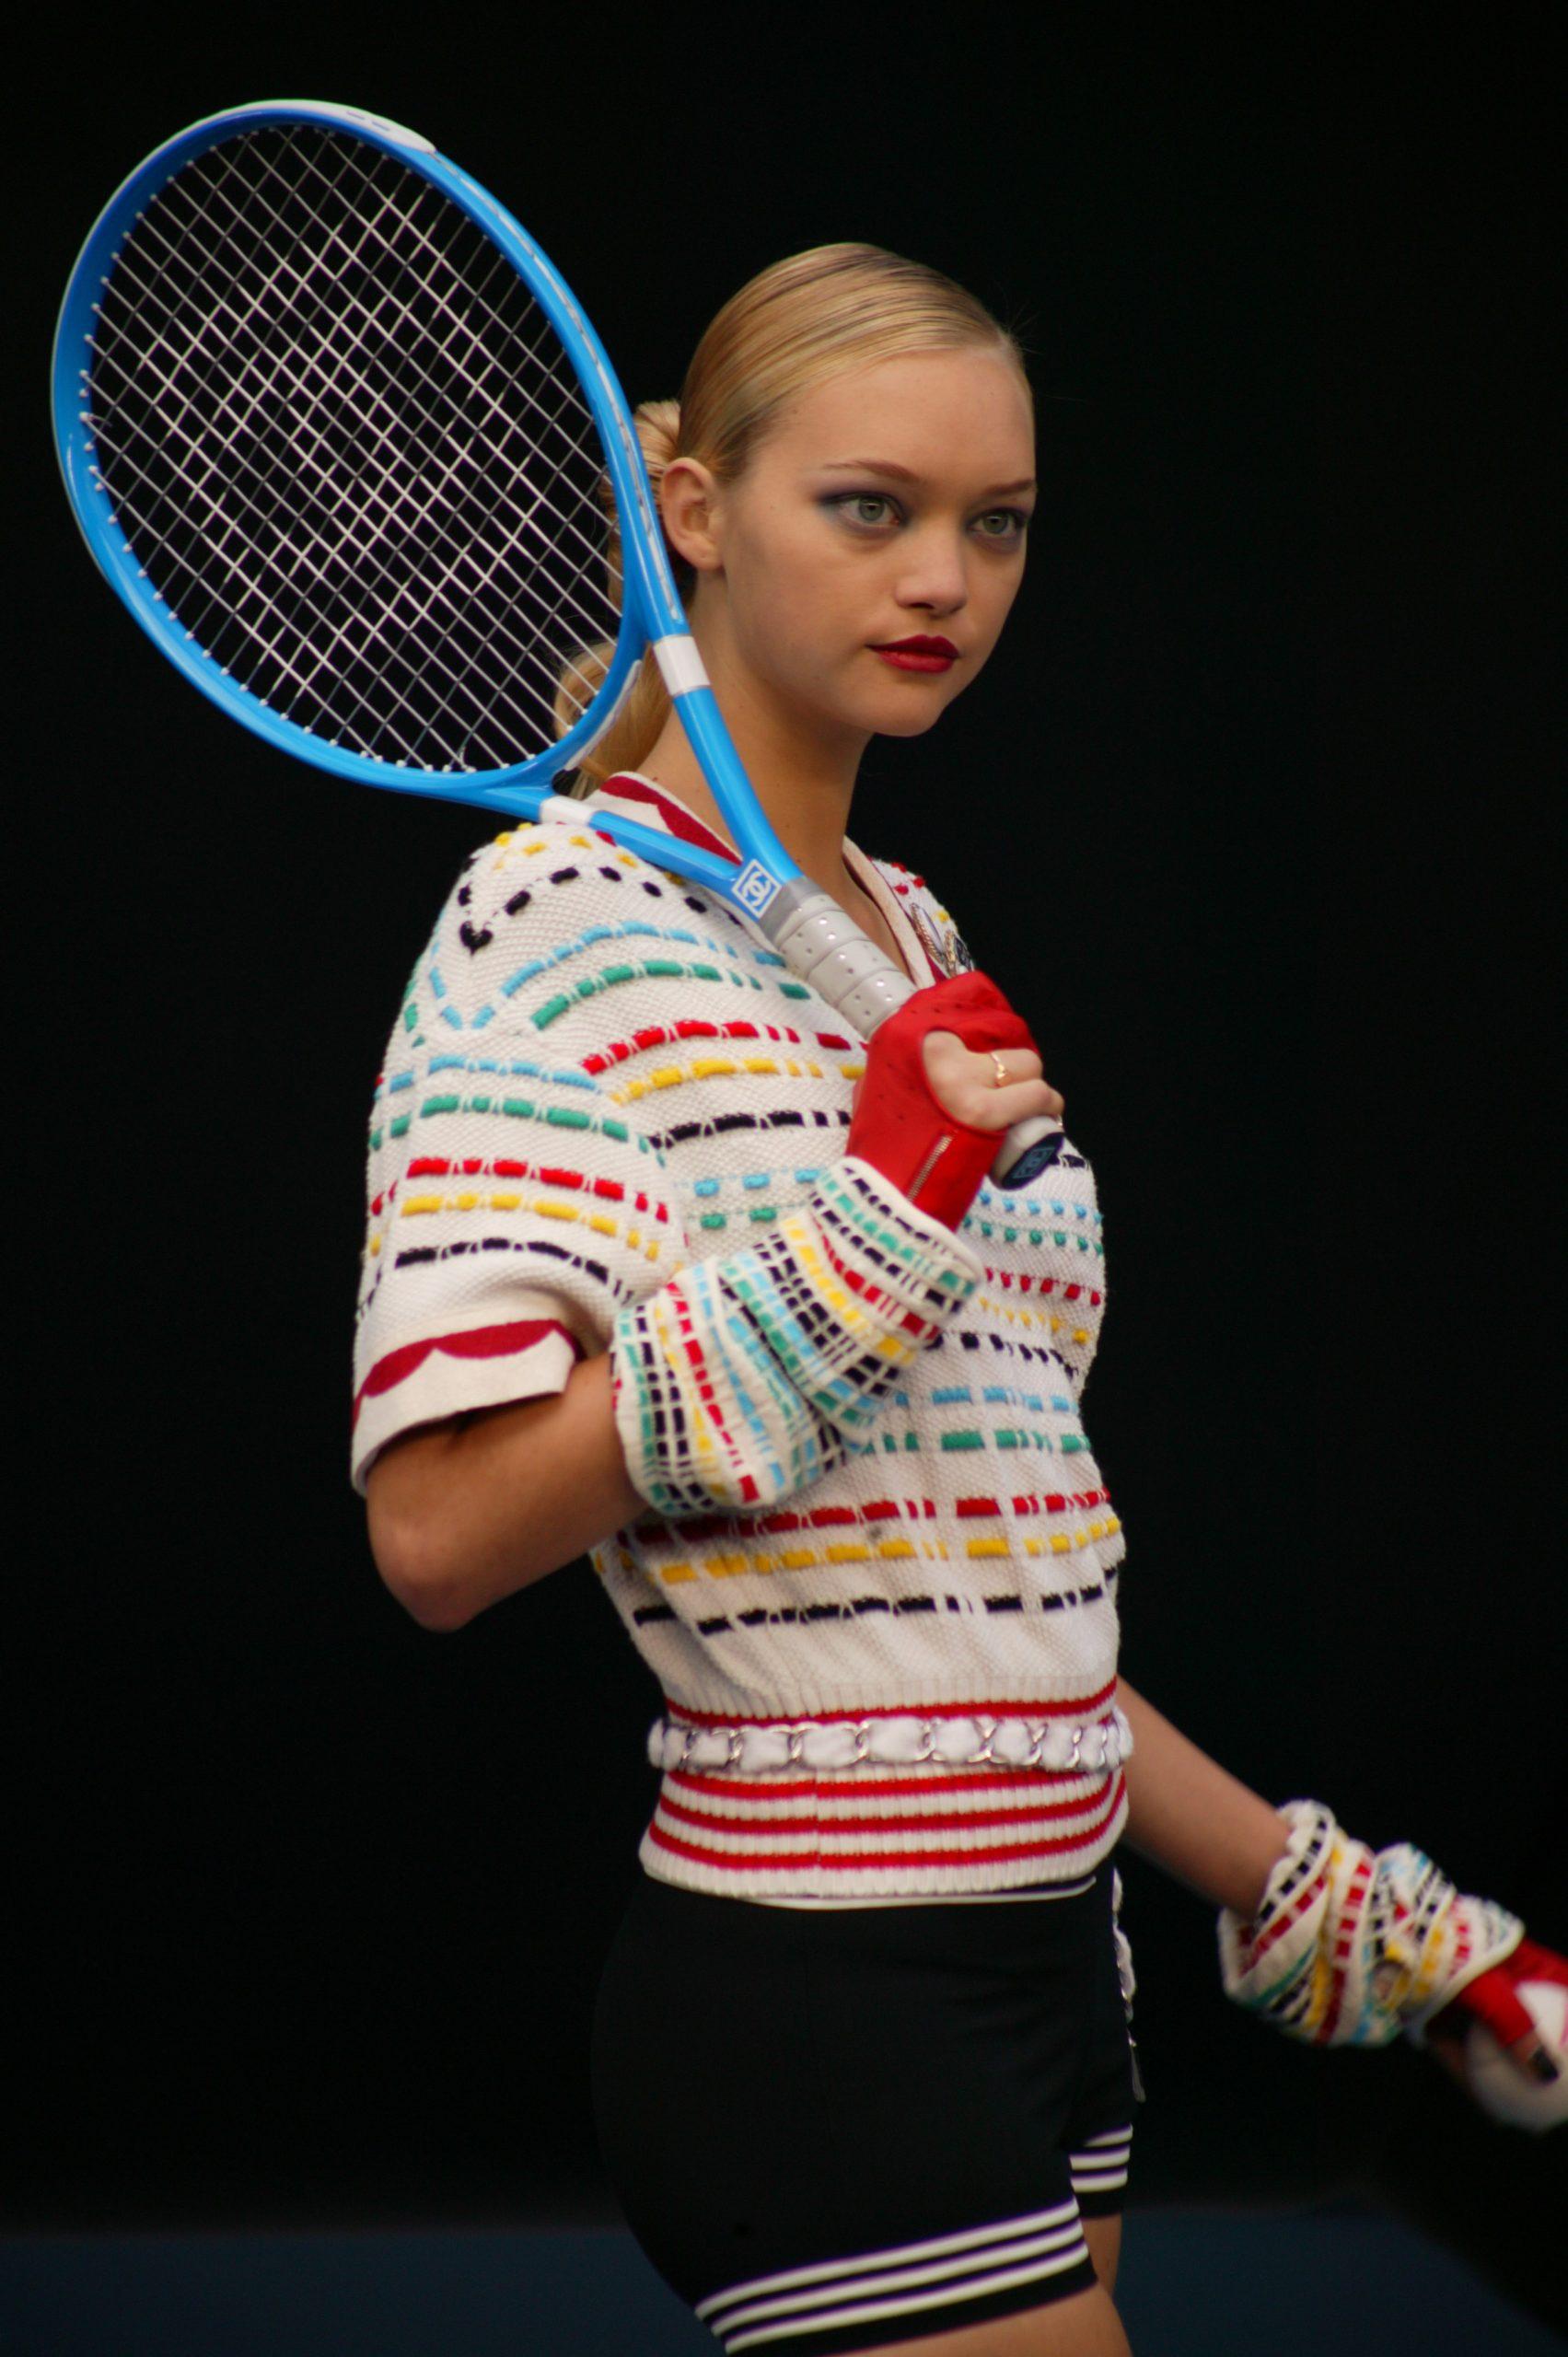 10. kép: Chanel teniszütő 2008-ból